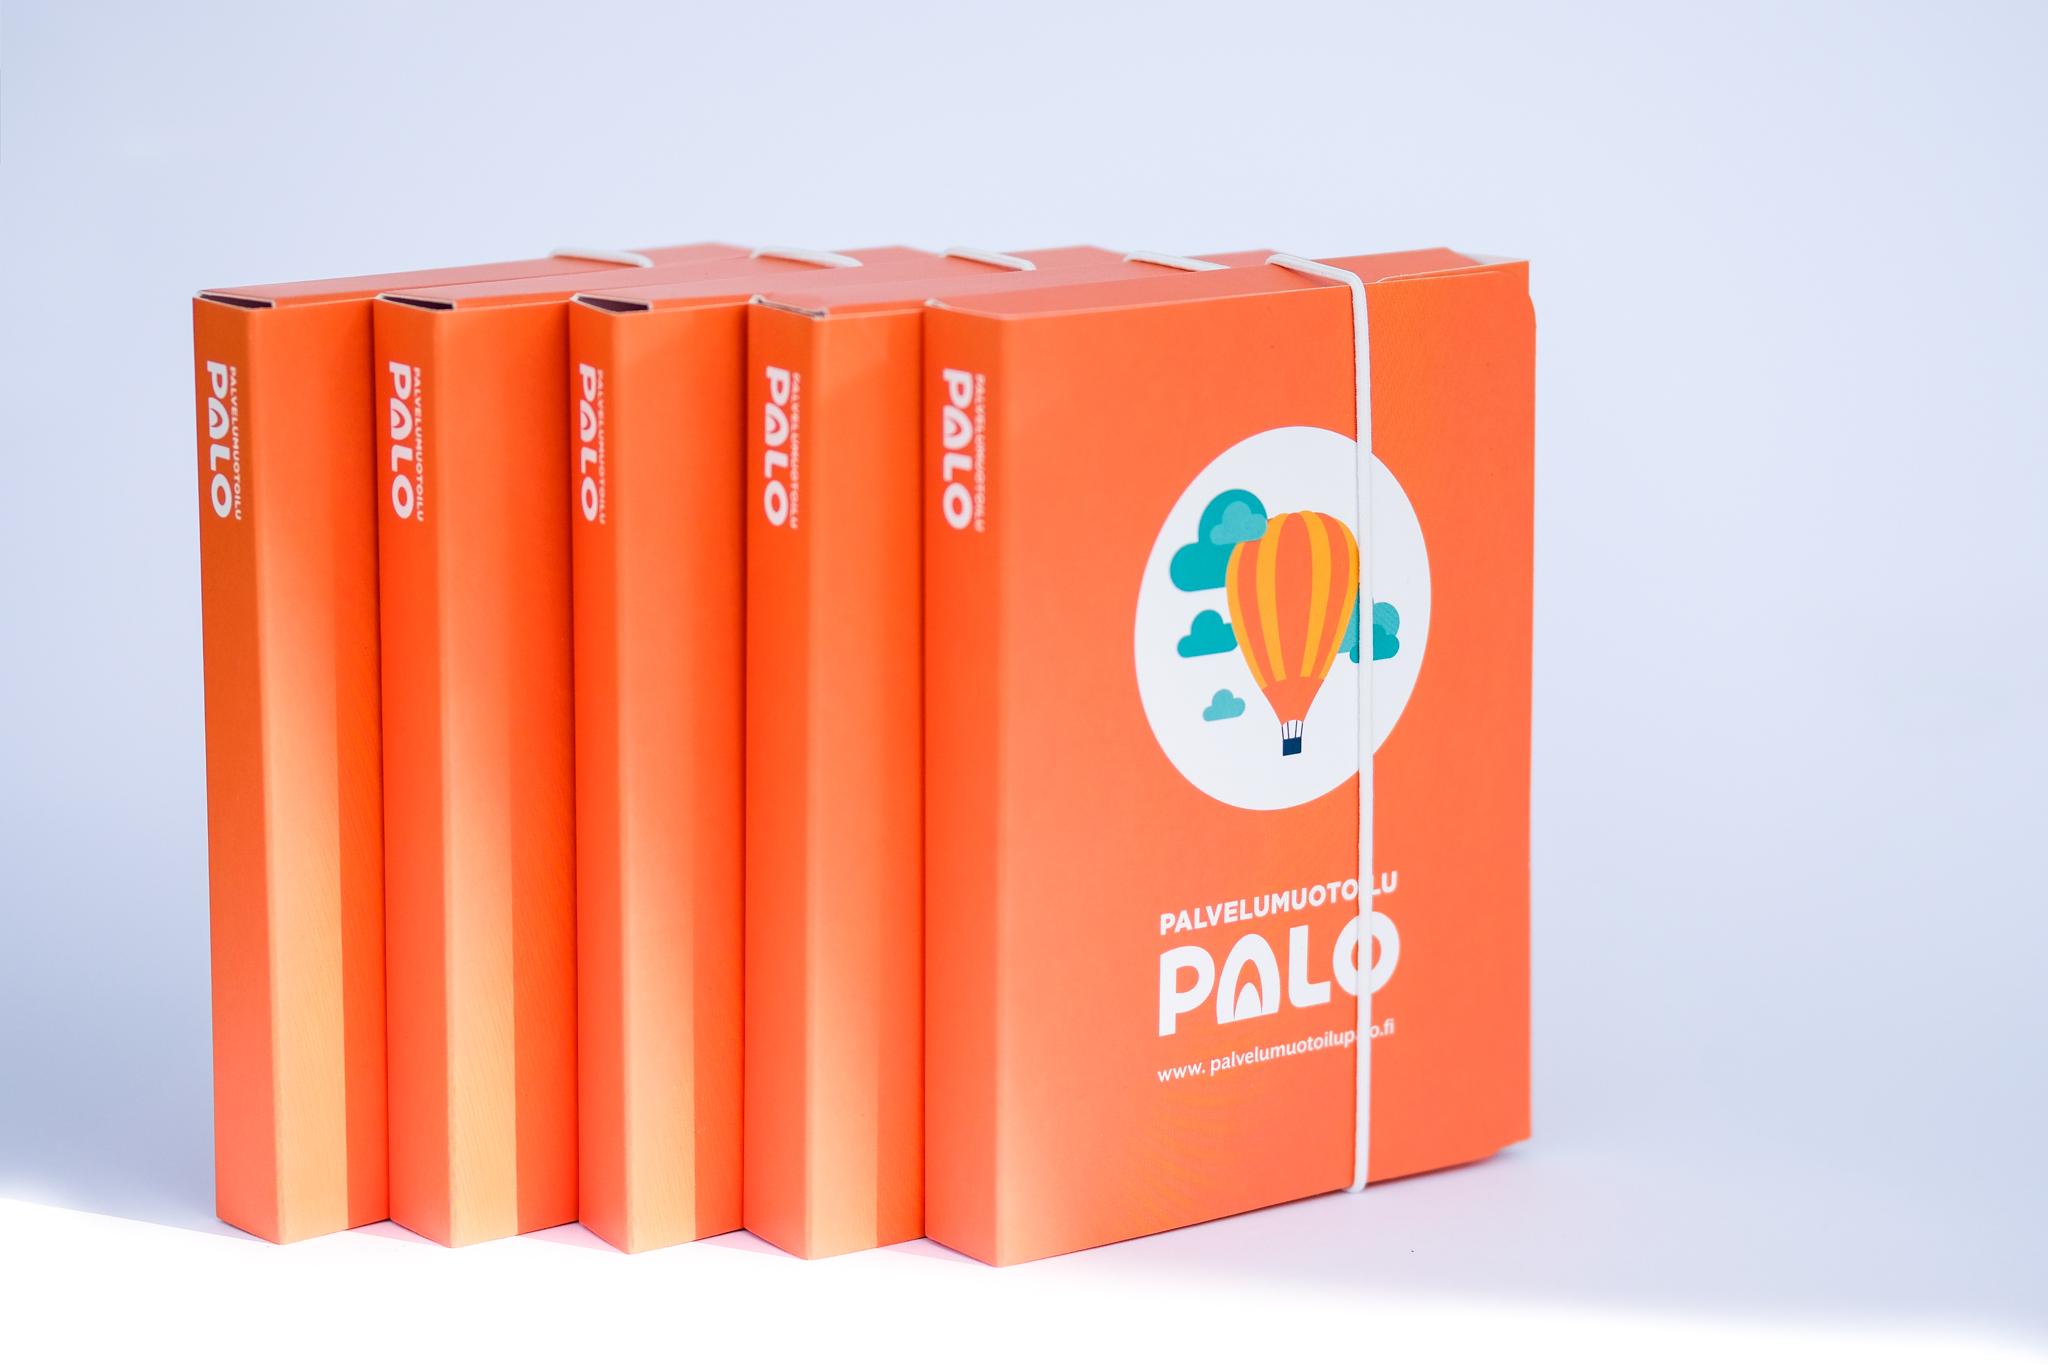 PalonPalvelumuotoilukorttipakat.jpg